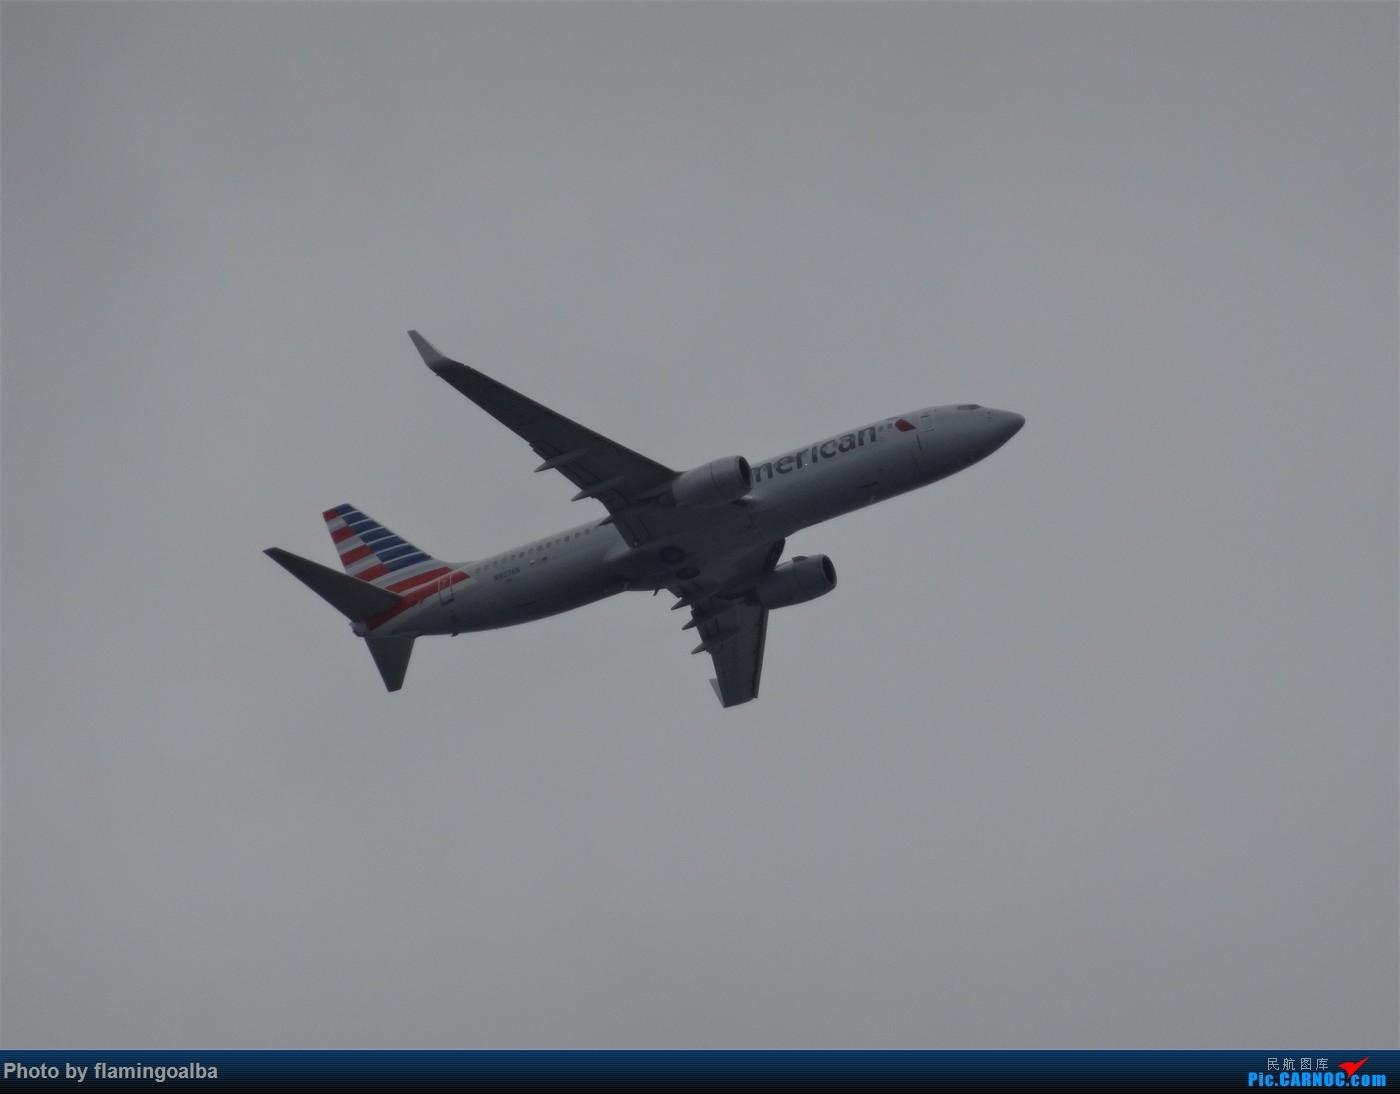 Re:[原创]浦东-达拉斯-纽瓦克-华盛顿里根-拉斯维加斯-洛杉矶-达拉斯-浦东 B737-800  美国罗纳德·里根机场